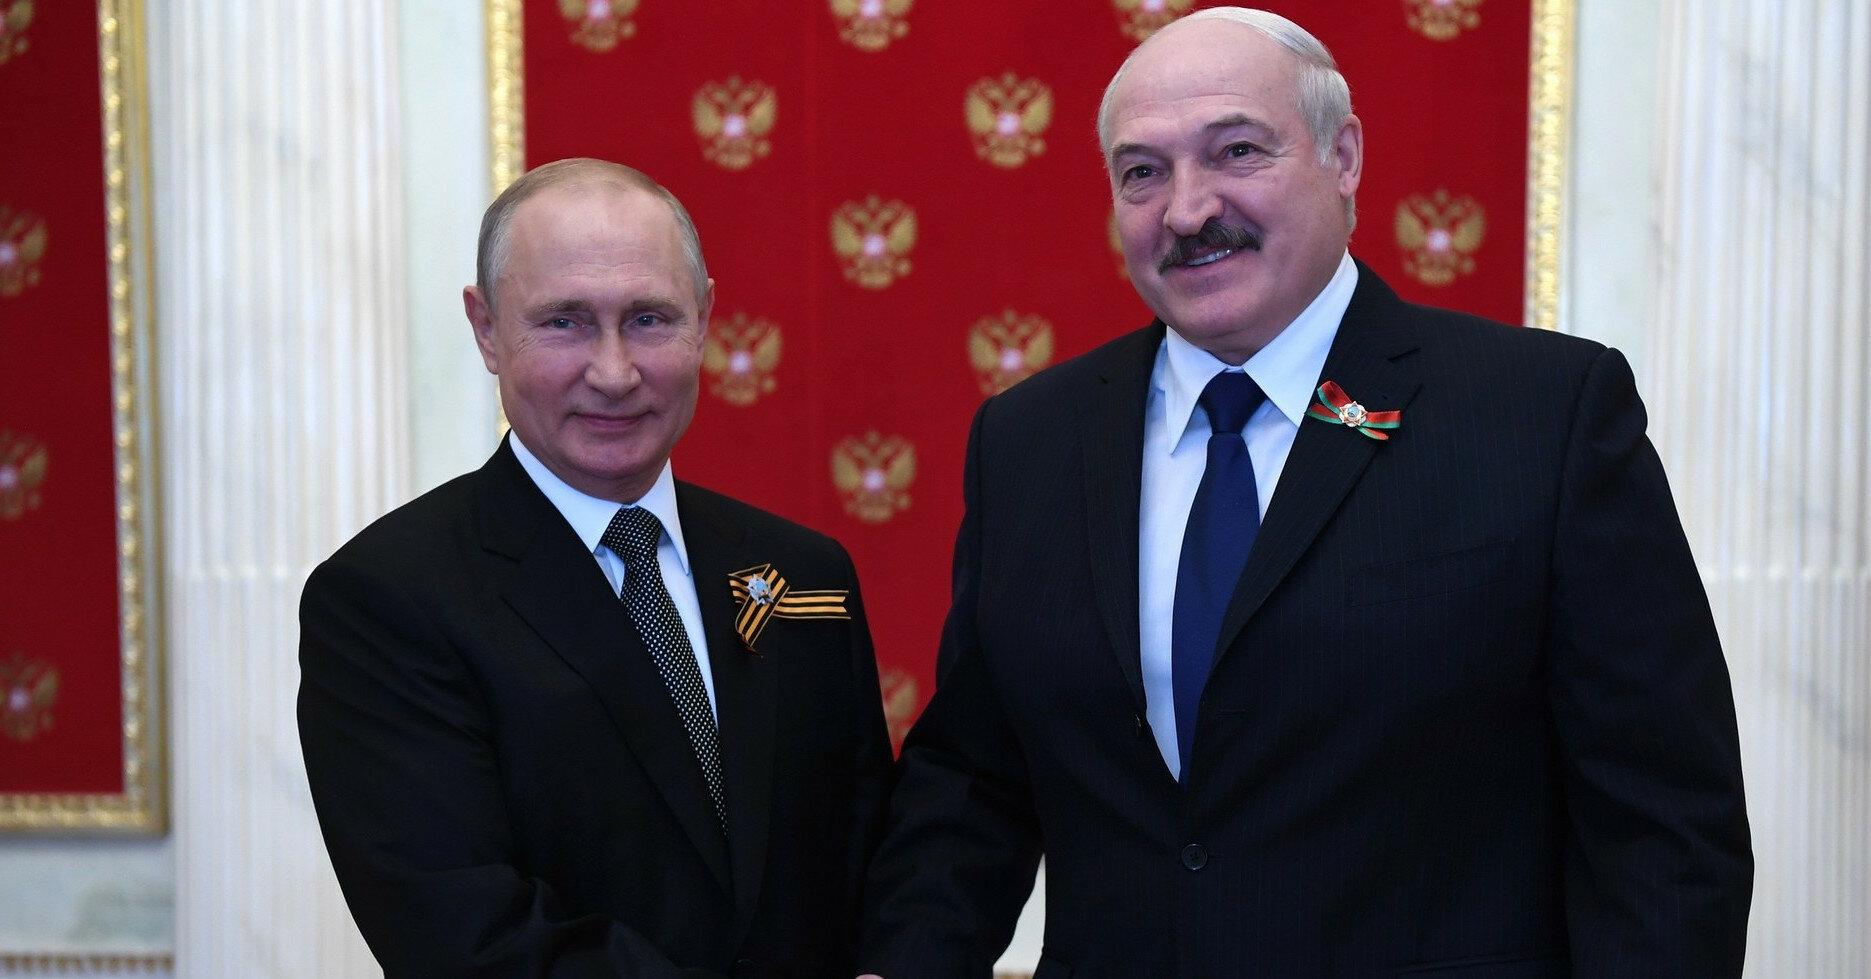 Встреча Путина и Лукашенко: ожидания на фоне военных учений